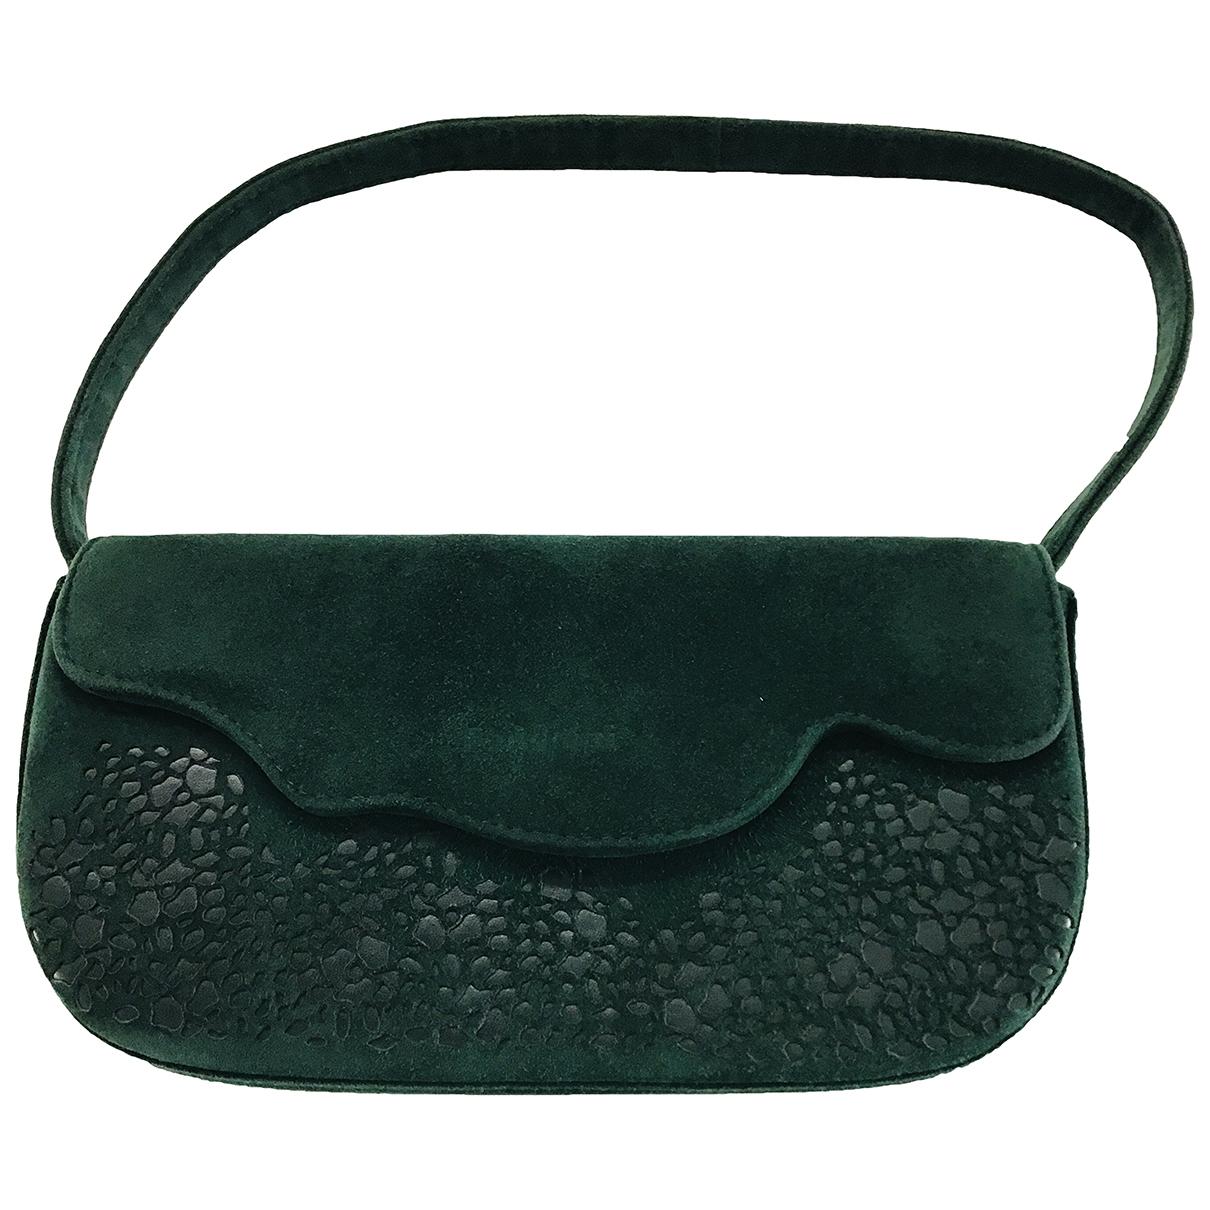 Baldinini \N Handtasche in  Gruen Leder